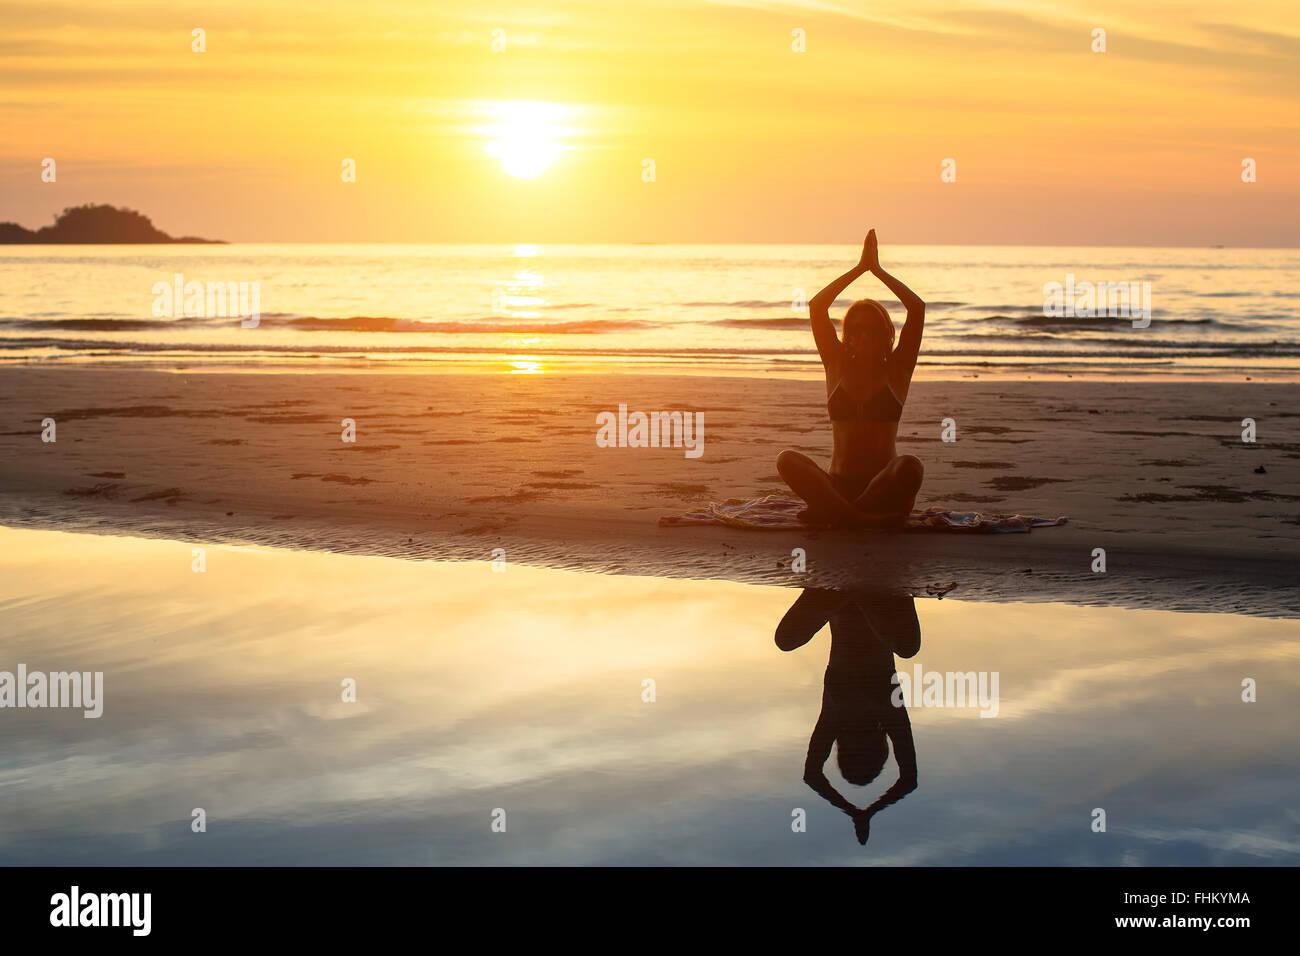 Silhouette der Frau am Strand bei Sonnenuntergang, mit Spiegelbild im Wasser sitzen. Stockbild